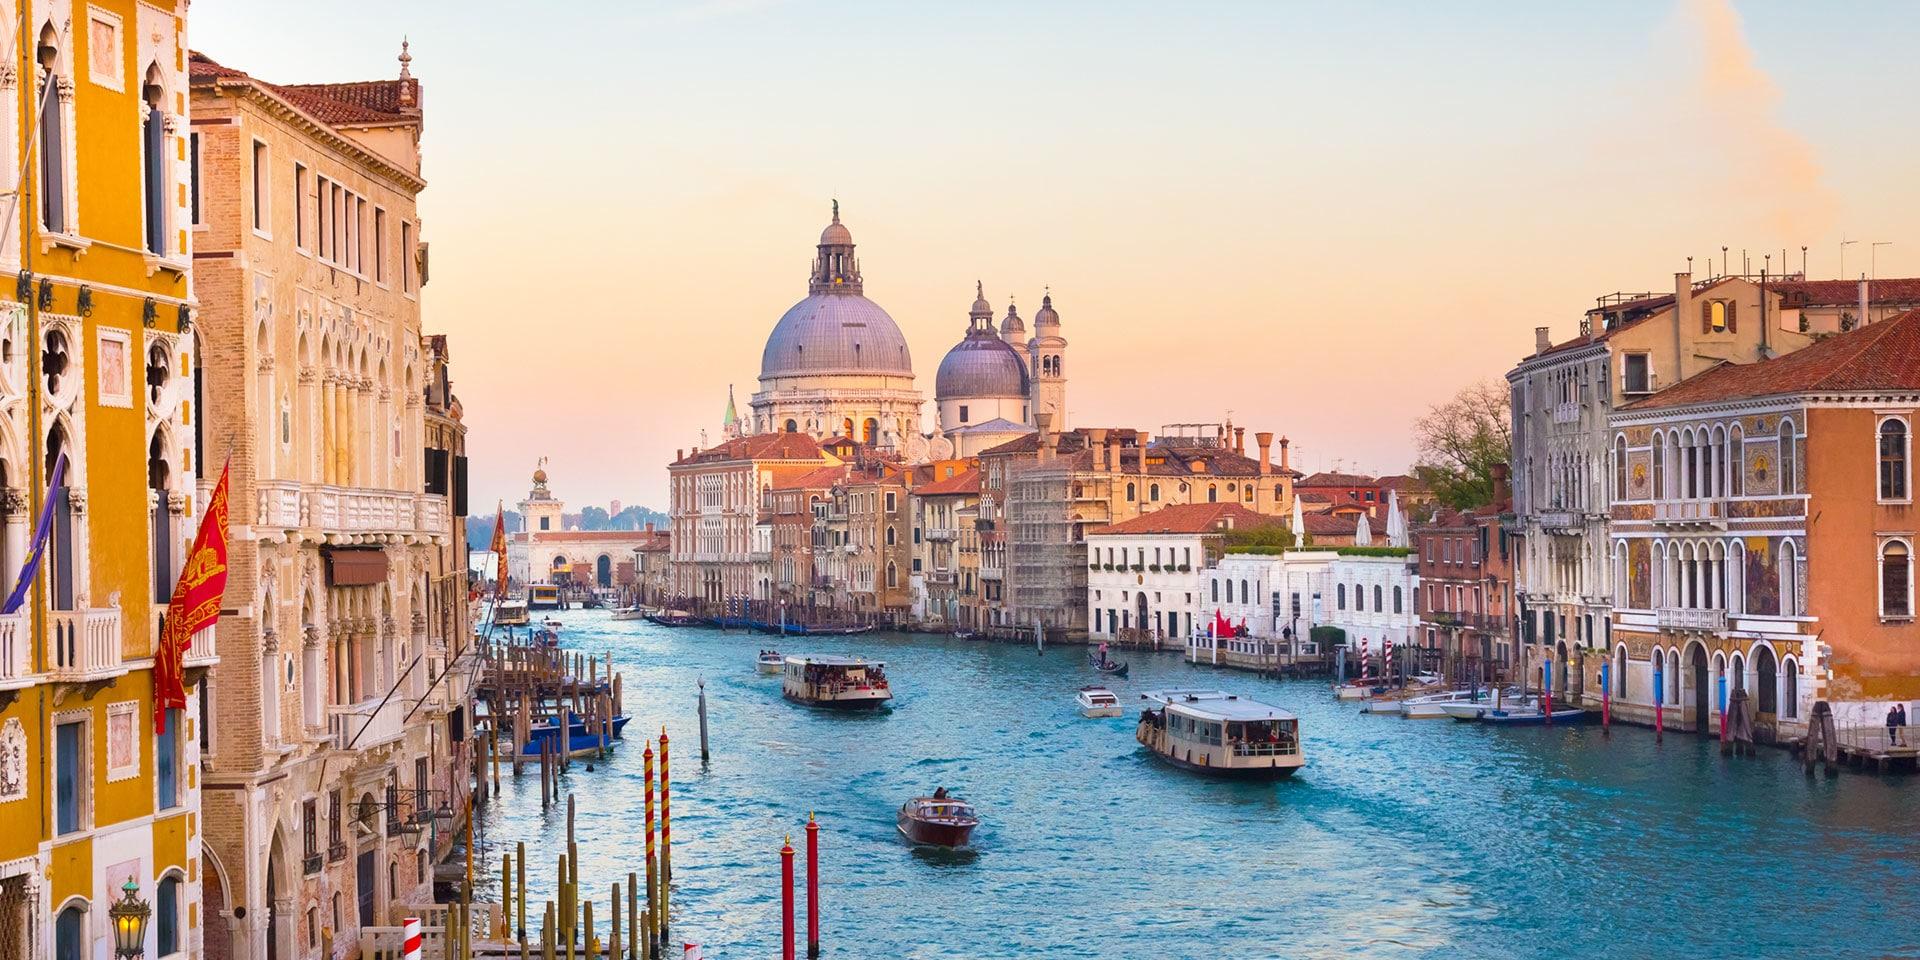 Vùng Veneto: Một trong những vùng rượu lớn nhất và khó hiểu nhất của Ý